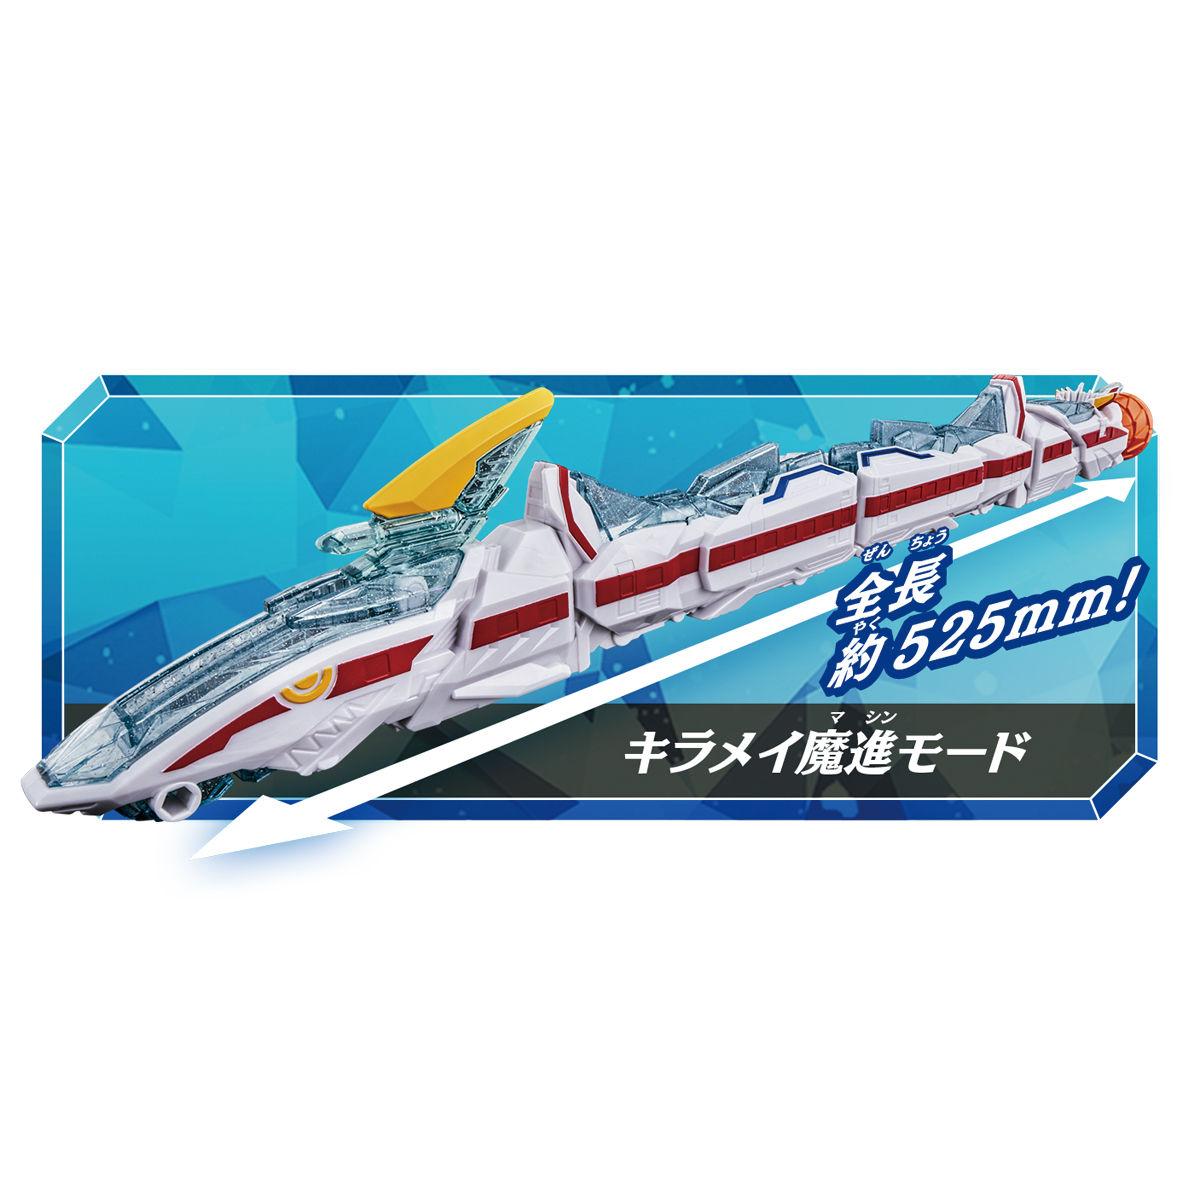 キラメイジャー ウェポン魔進シリーズ04『DX魔進ザビューン』可変可動フィギュア-003